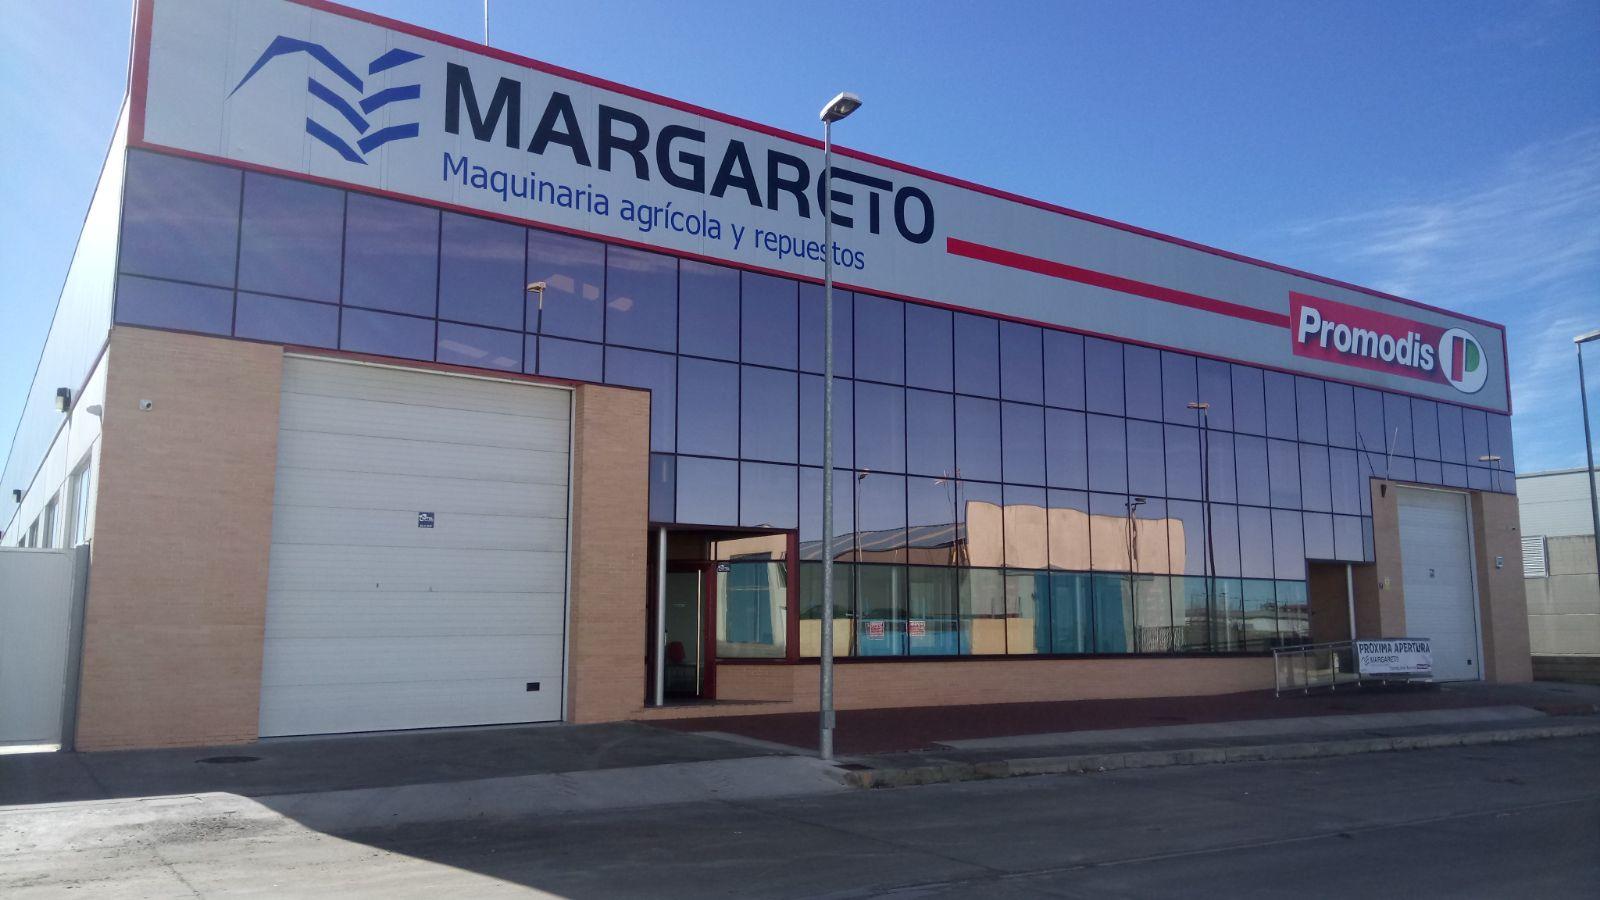 Empresa MAQUINARIA Y REPUESTOS MARGARETO, S.L.